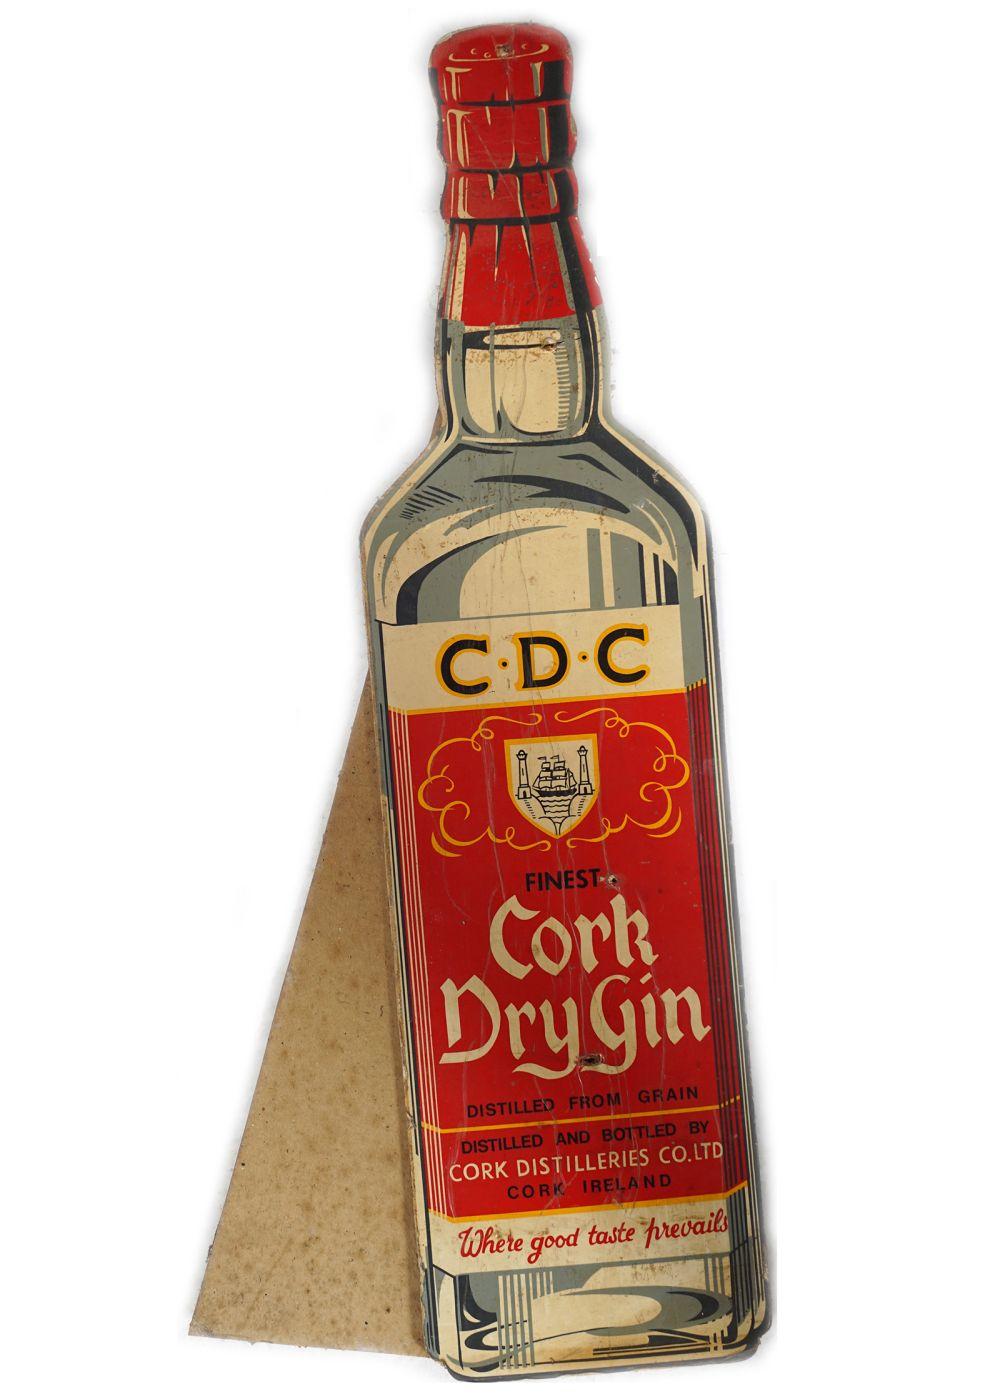 C.D.C. CORK DRY GIN ORIGINAL POSTER